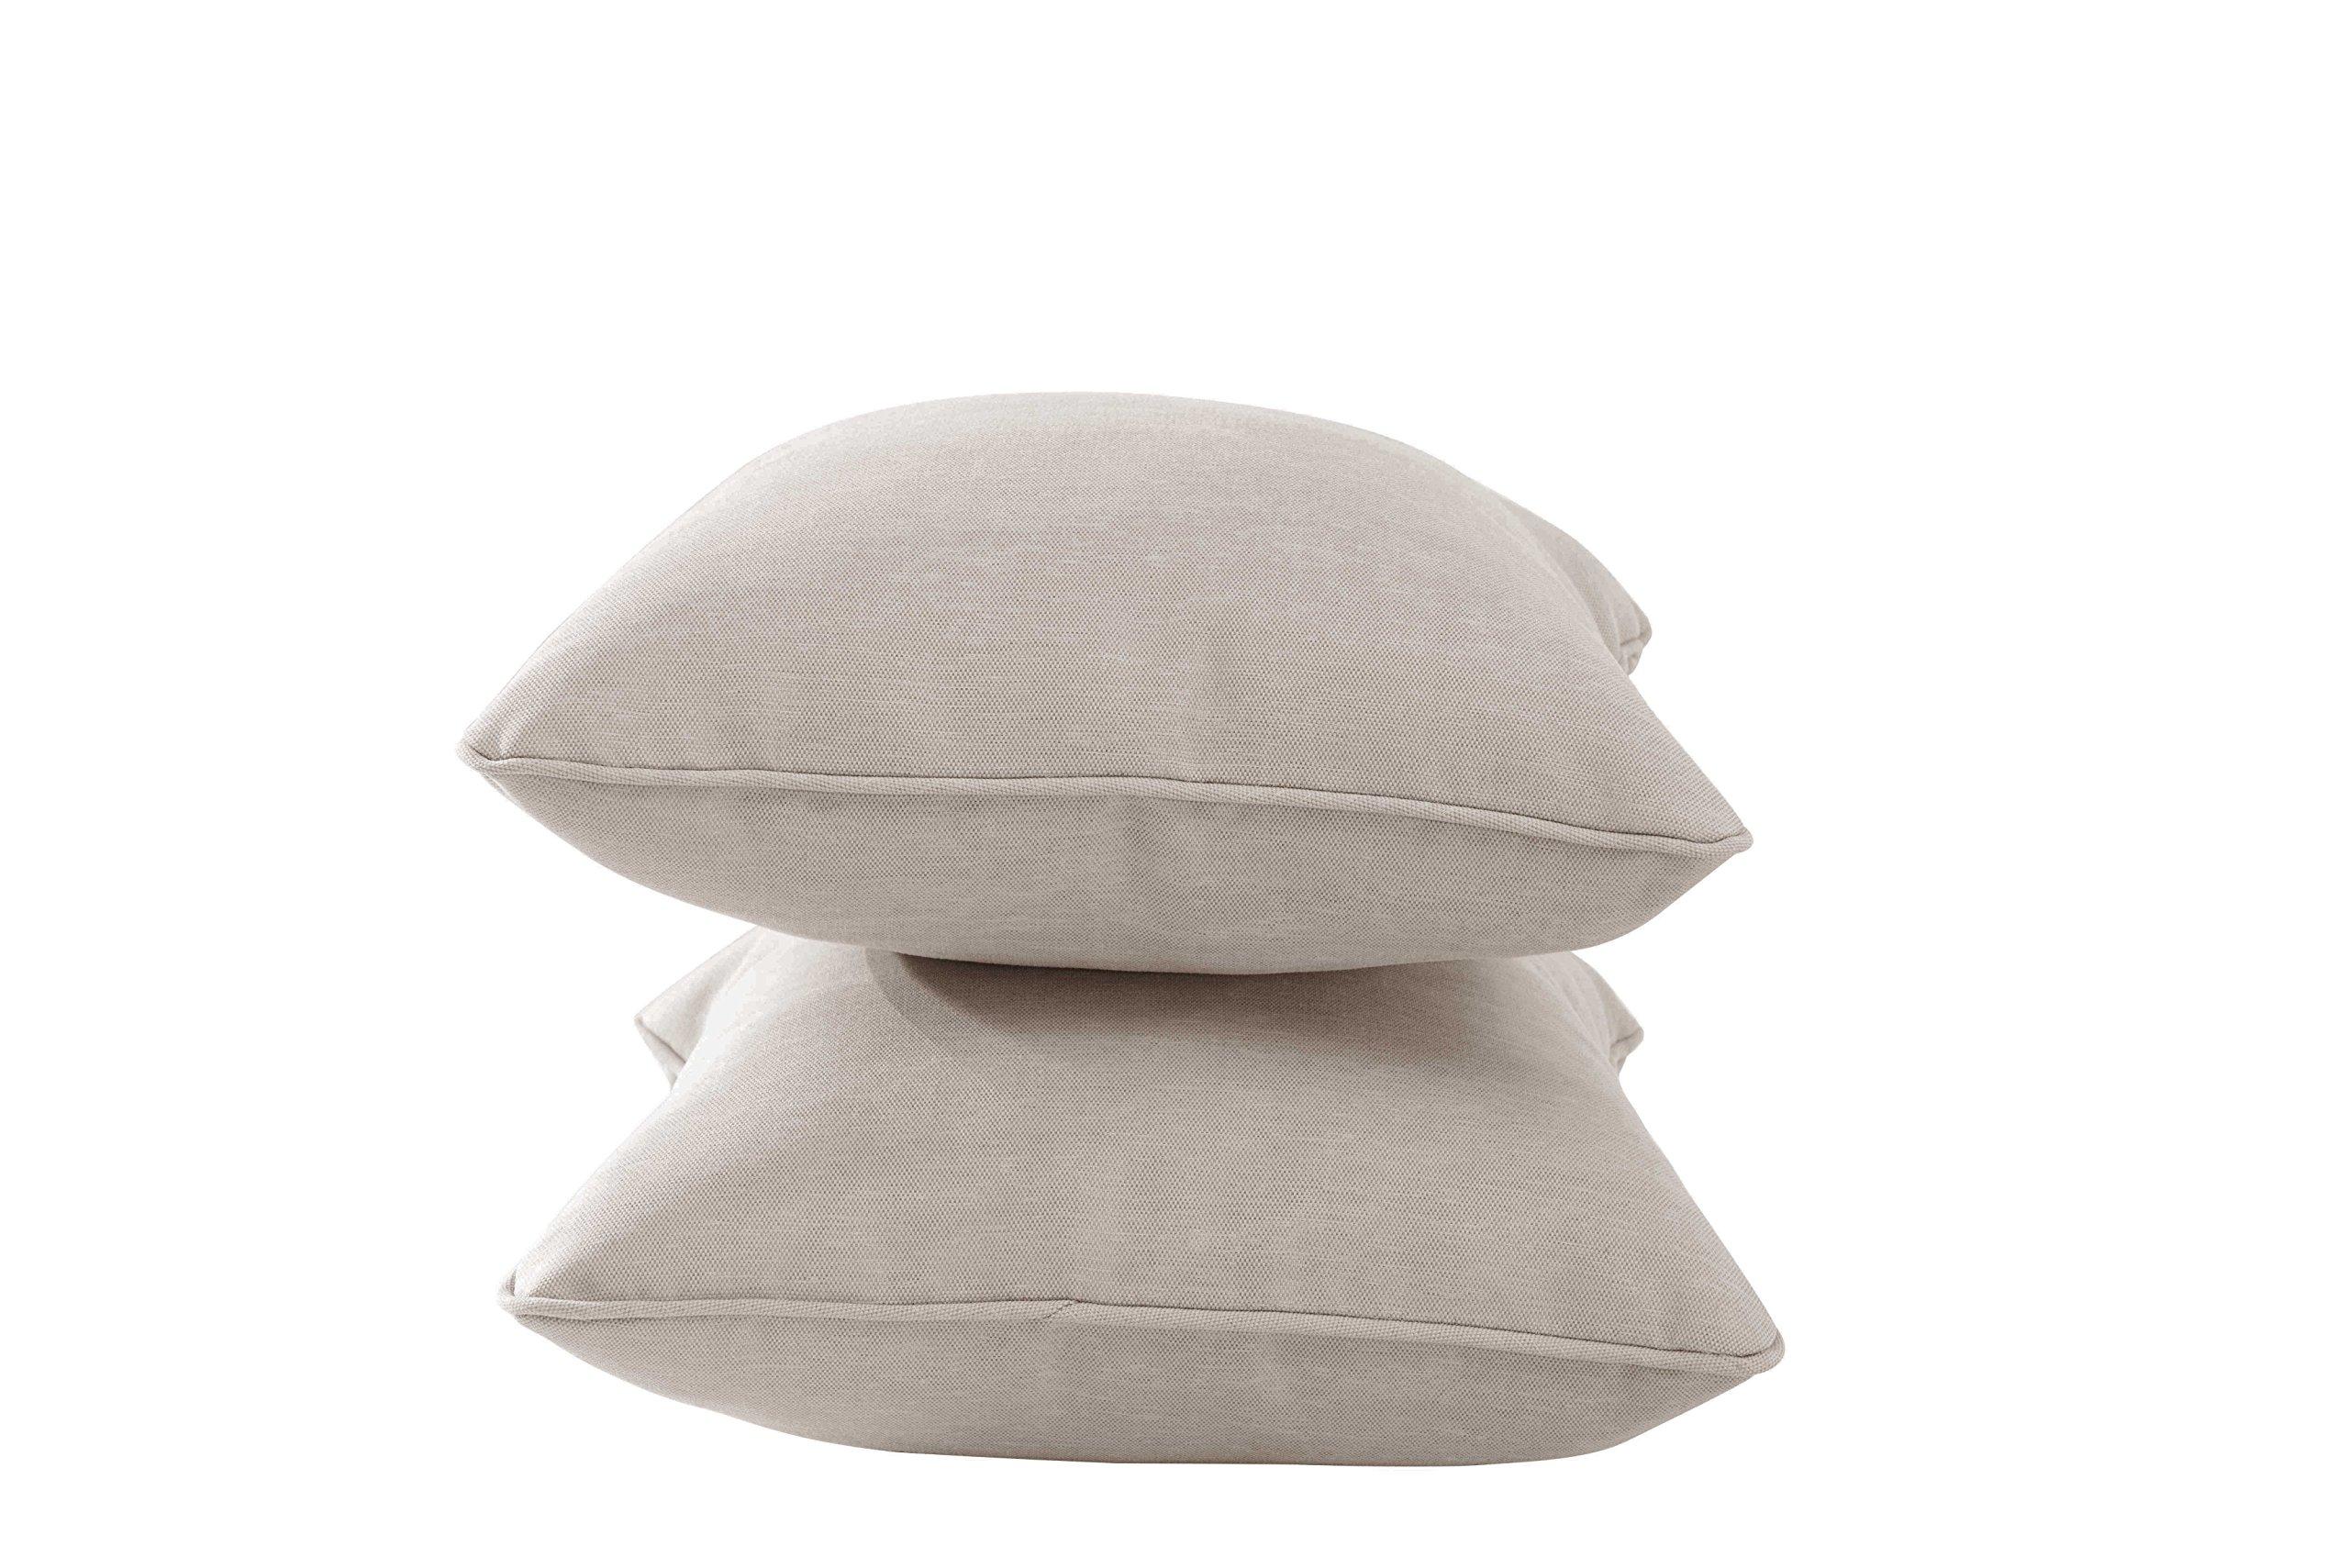 Sunjoy S-PL065PFB Outdoor Pillow, Tan by Sunjoy (Image #4)